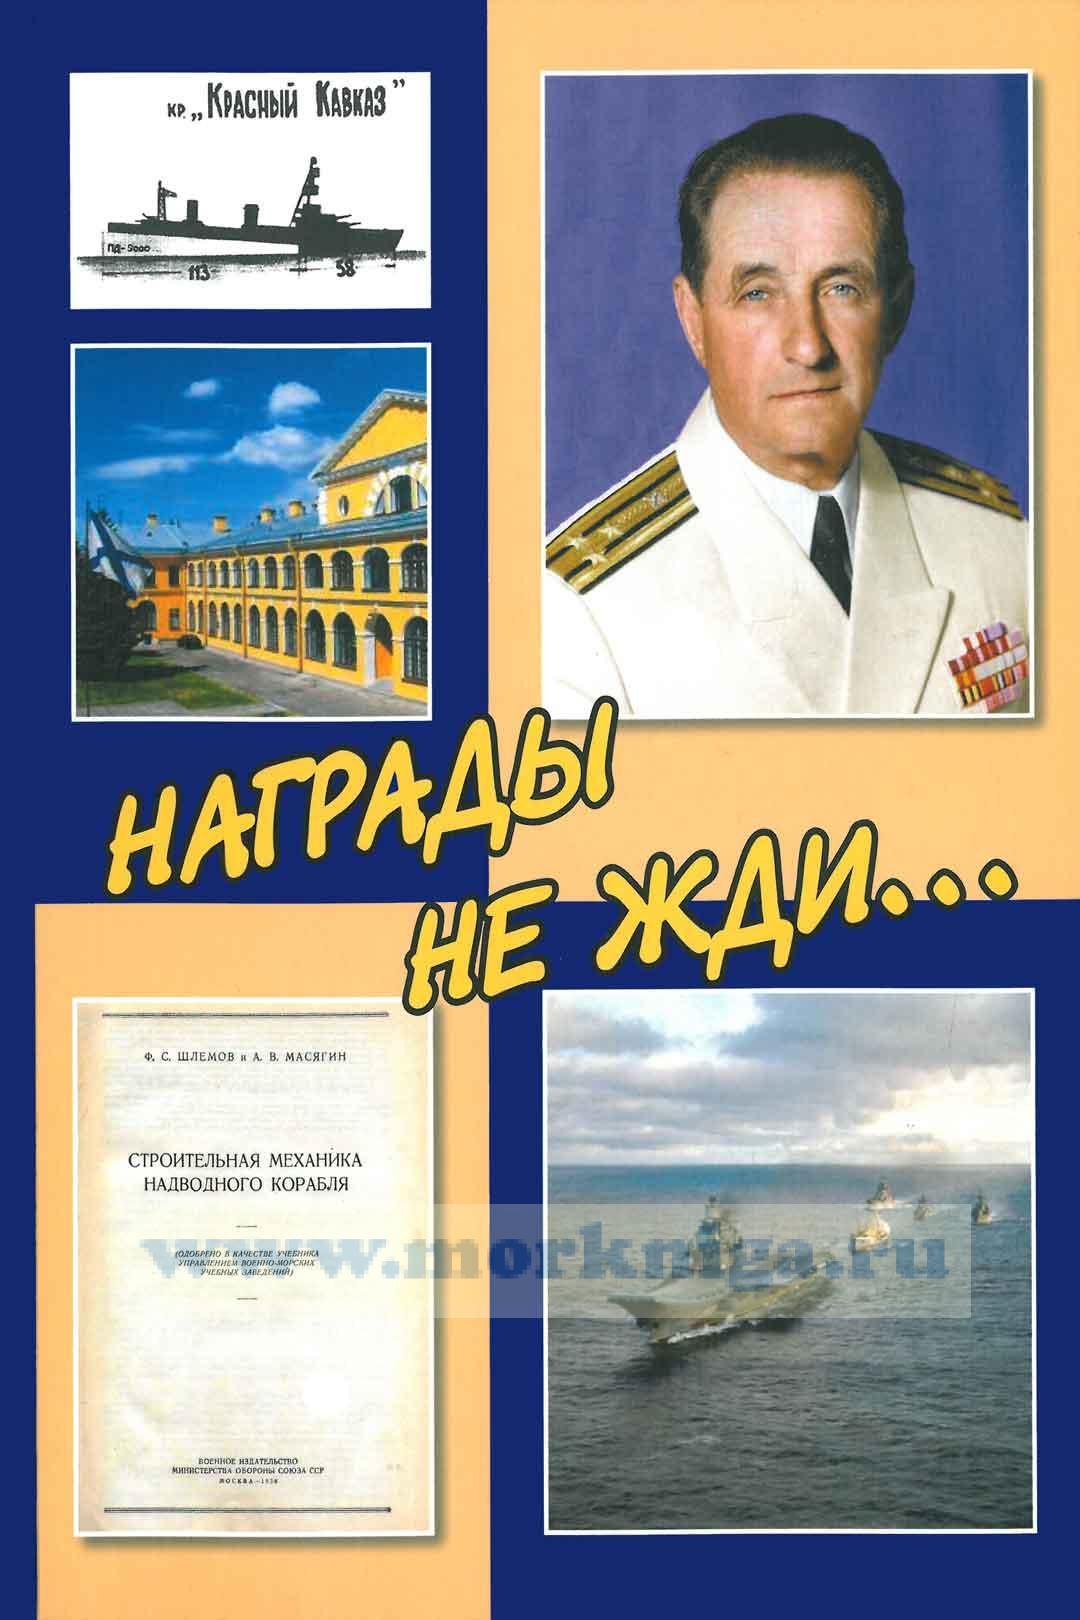 Награды не жди... К 100-летию со дня рождения инженера-кораблестроителя Федора Степановича Шлемова